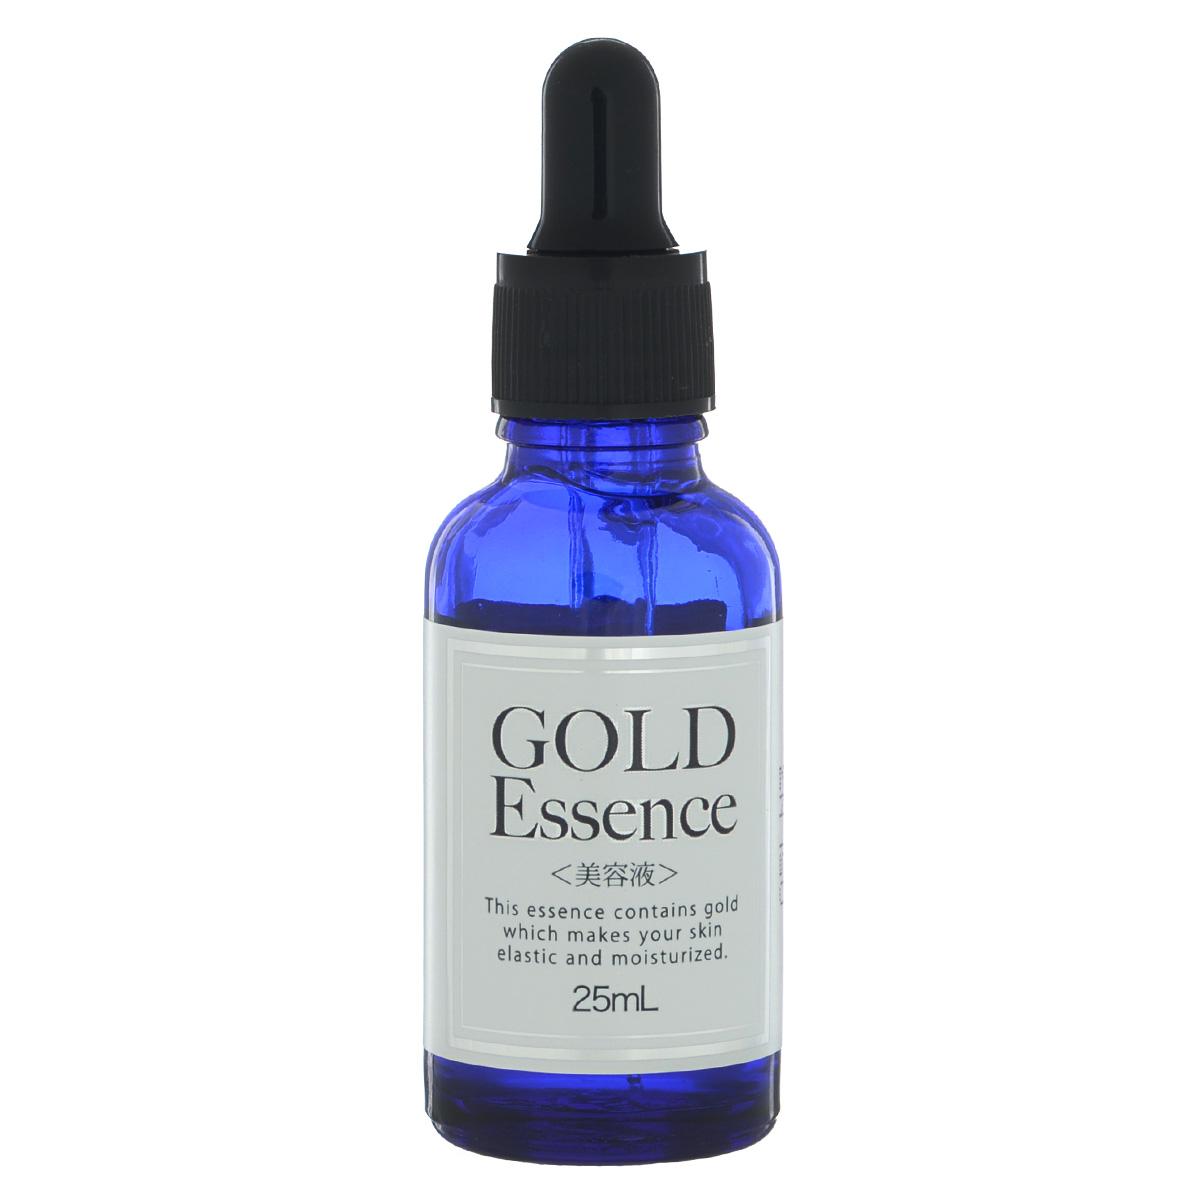 Japan Gals Сыворотка с золотым составом Pure beau essence 25 мл10744Золото, являясь лучшим проводником, встраивается между клетками и возобновляет нарушенные обменные процессы в коже. Улучшается клеточное дыхание и поставка питательных веществ в каждую клеточку, выводятся токсины.АрбутинАрбутин блокирует в коже синтез пигмента меланина, отбеливает пигментные пятна,борется с нежелательной пигментацией и смягчает кожу.Витамин СВосстанавливает кожу от повреждений, вызванных ультрафиолетовыми лучами,интенсивно стимулирует процессы обновления и омоложения в коже: выравнивает цвет лица,усиливает синтез коллагена, повышает защитные функции кожи.Гиалуроновая кислотаБлагодаря гиалуроновой кислоте кожа удерживает влагу, восстанавливая упругость.Эффект: подтягивает кожу и оказывает омолаживающее действие.СПОСОБ ПРИМЕНЕНИЯ: Сыворотка наносится на чистое лицо, после умывания. С помощью пипетки выдавите необходимое количество сыворотки на руки (2-3 пипетки на одно применение) и нанесите на лицо по массажным линиям, слегка вбивая подушечками пальцев.Предупреждение: при выраженной несовместимости, прекратите использование. При появлении на коже красных пятен, опухания, зуда, раздражения прекратить использования и проконсультироваться с врачом.После открытия упаковки использовать в течение 60 дней.Хранение: хранить в прохладном и темном месте при температуре не выше 25 градусов.Состав: Вода, бутилен гликоль, DPG, гиалуроновая кислота, а-арубутин, золото , аскорбил фосфат Mg, гидроксиэтилцеллюлоза, ксантановая камедь, каприлилгликоль, феноксиэтанол, лимонная кислота Na, лимонная кислота.